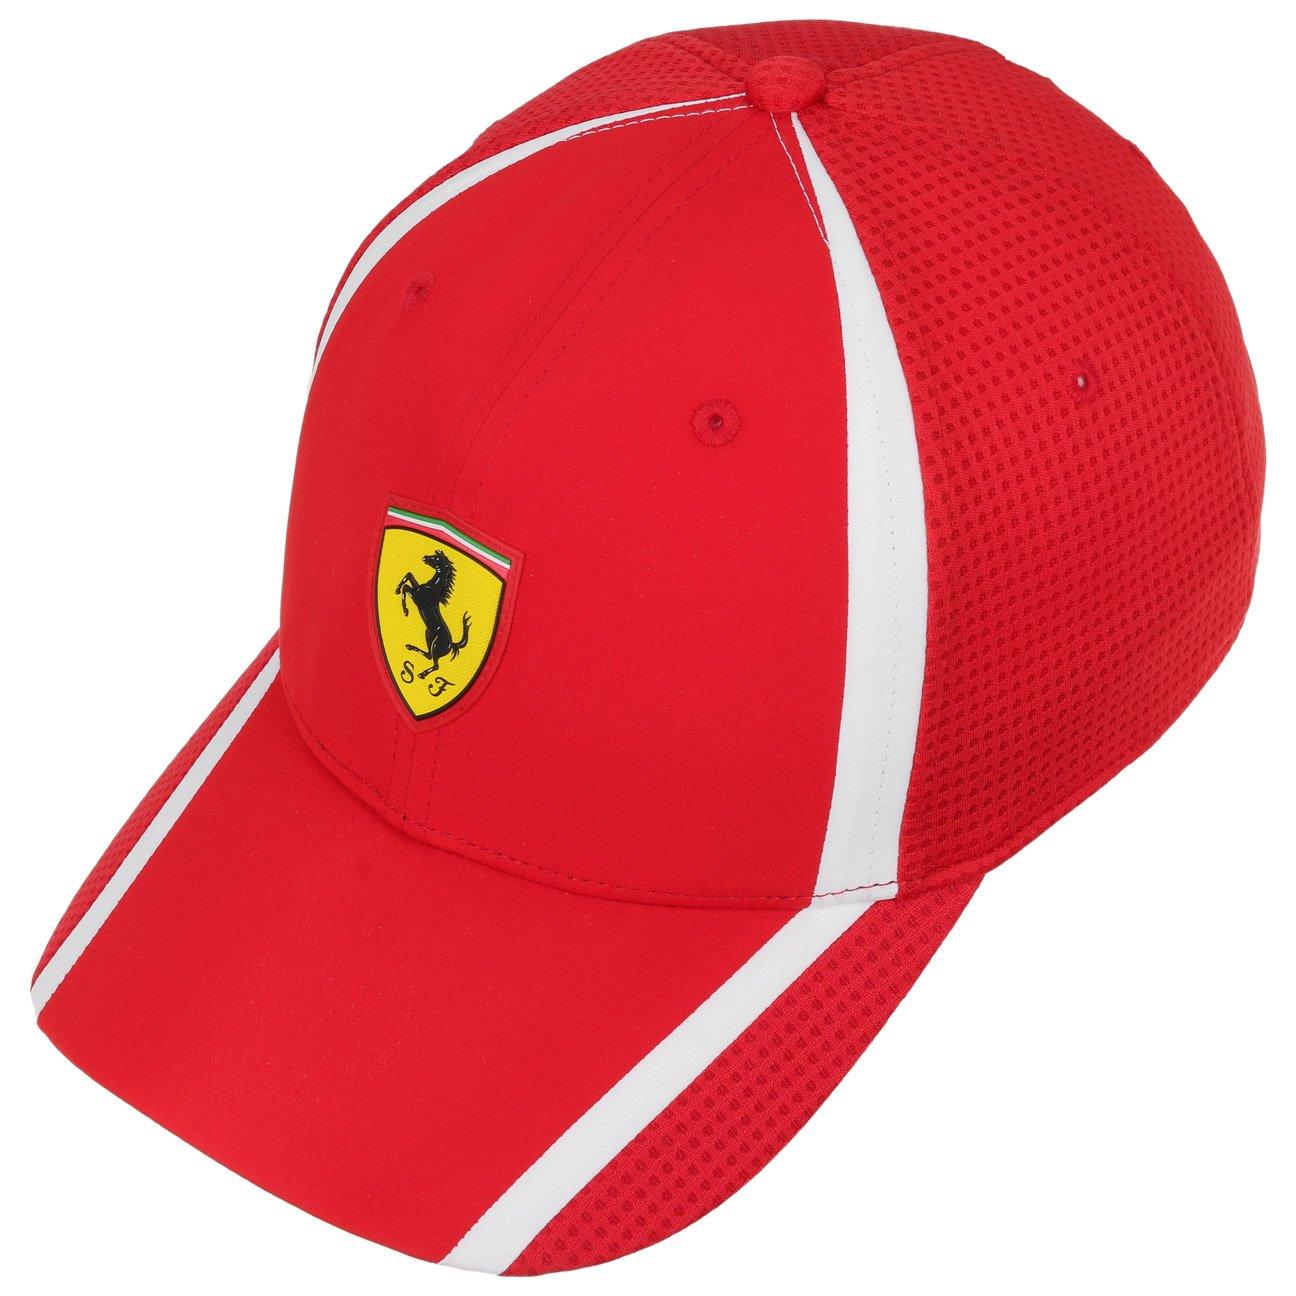 f6e2ca0db12 Puma Ferrari Men s Baseball Cap (21202 Rosso-Corsa Standard Size)   Amazon.in  Shoes   Handbags